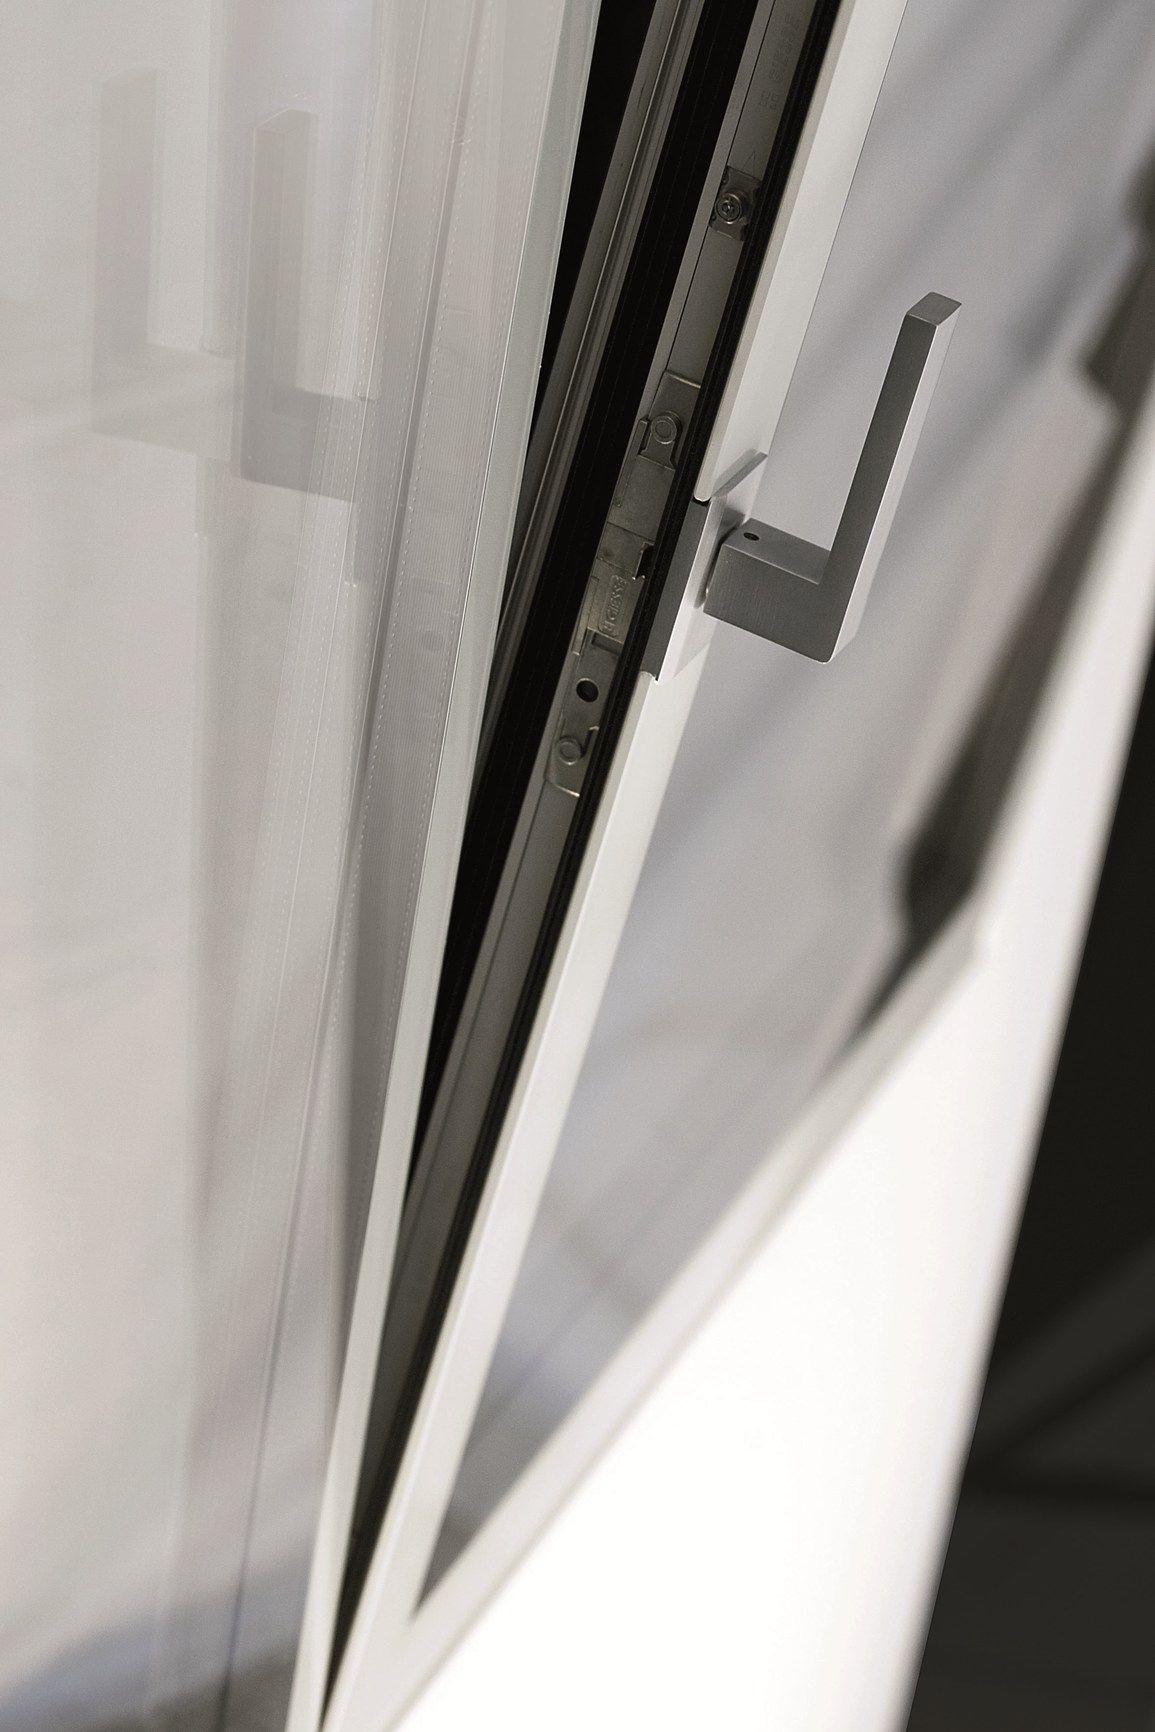 Nuove finestre a battente ESSENZA a MADEexpo 2013